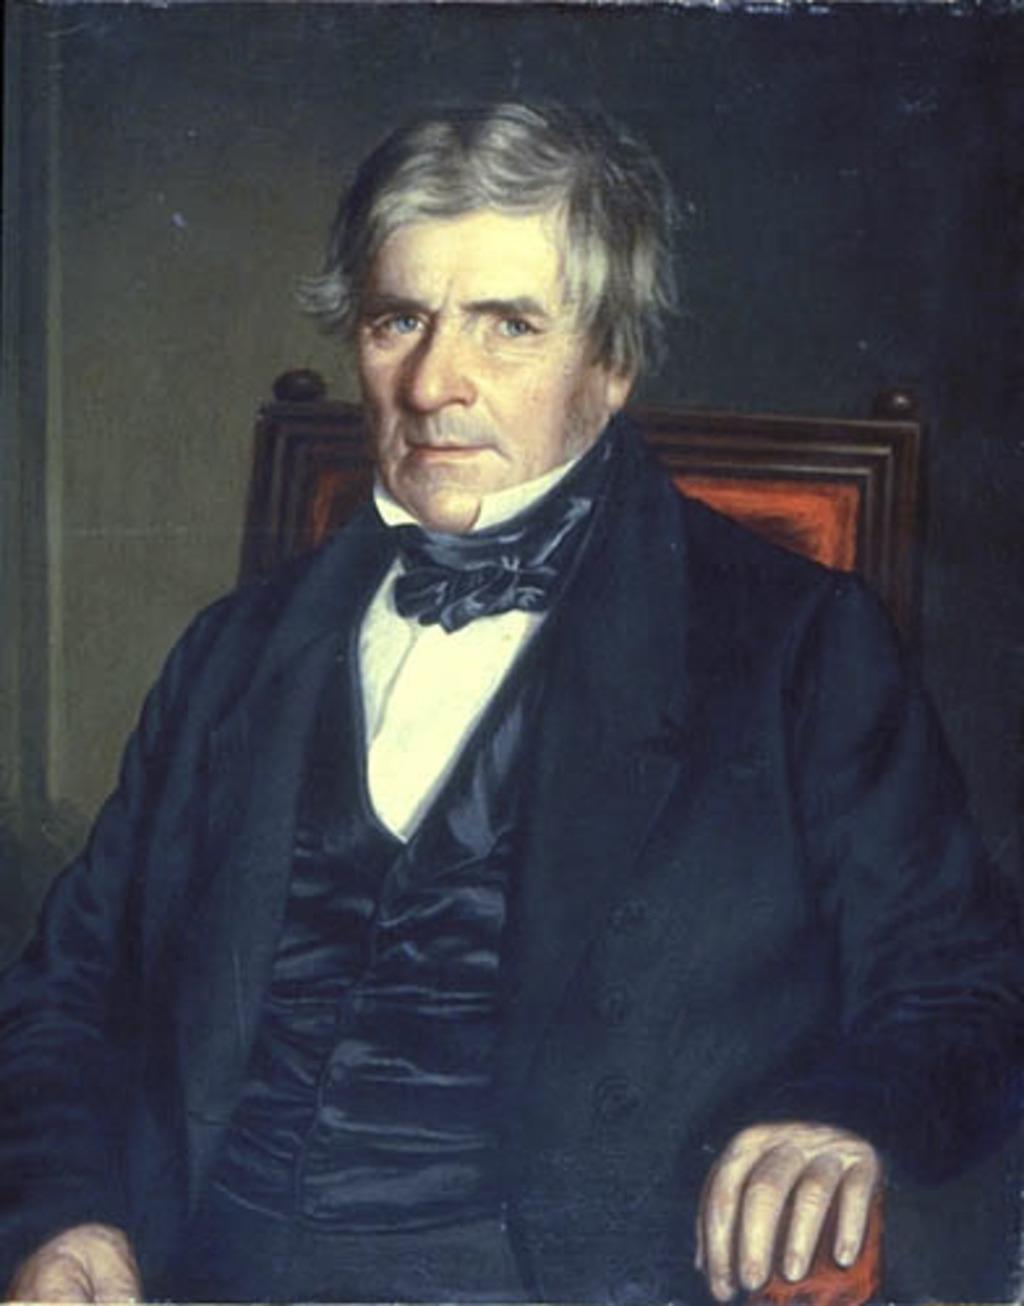 Allan McDonell